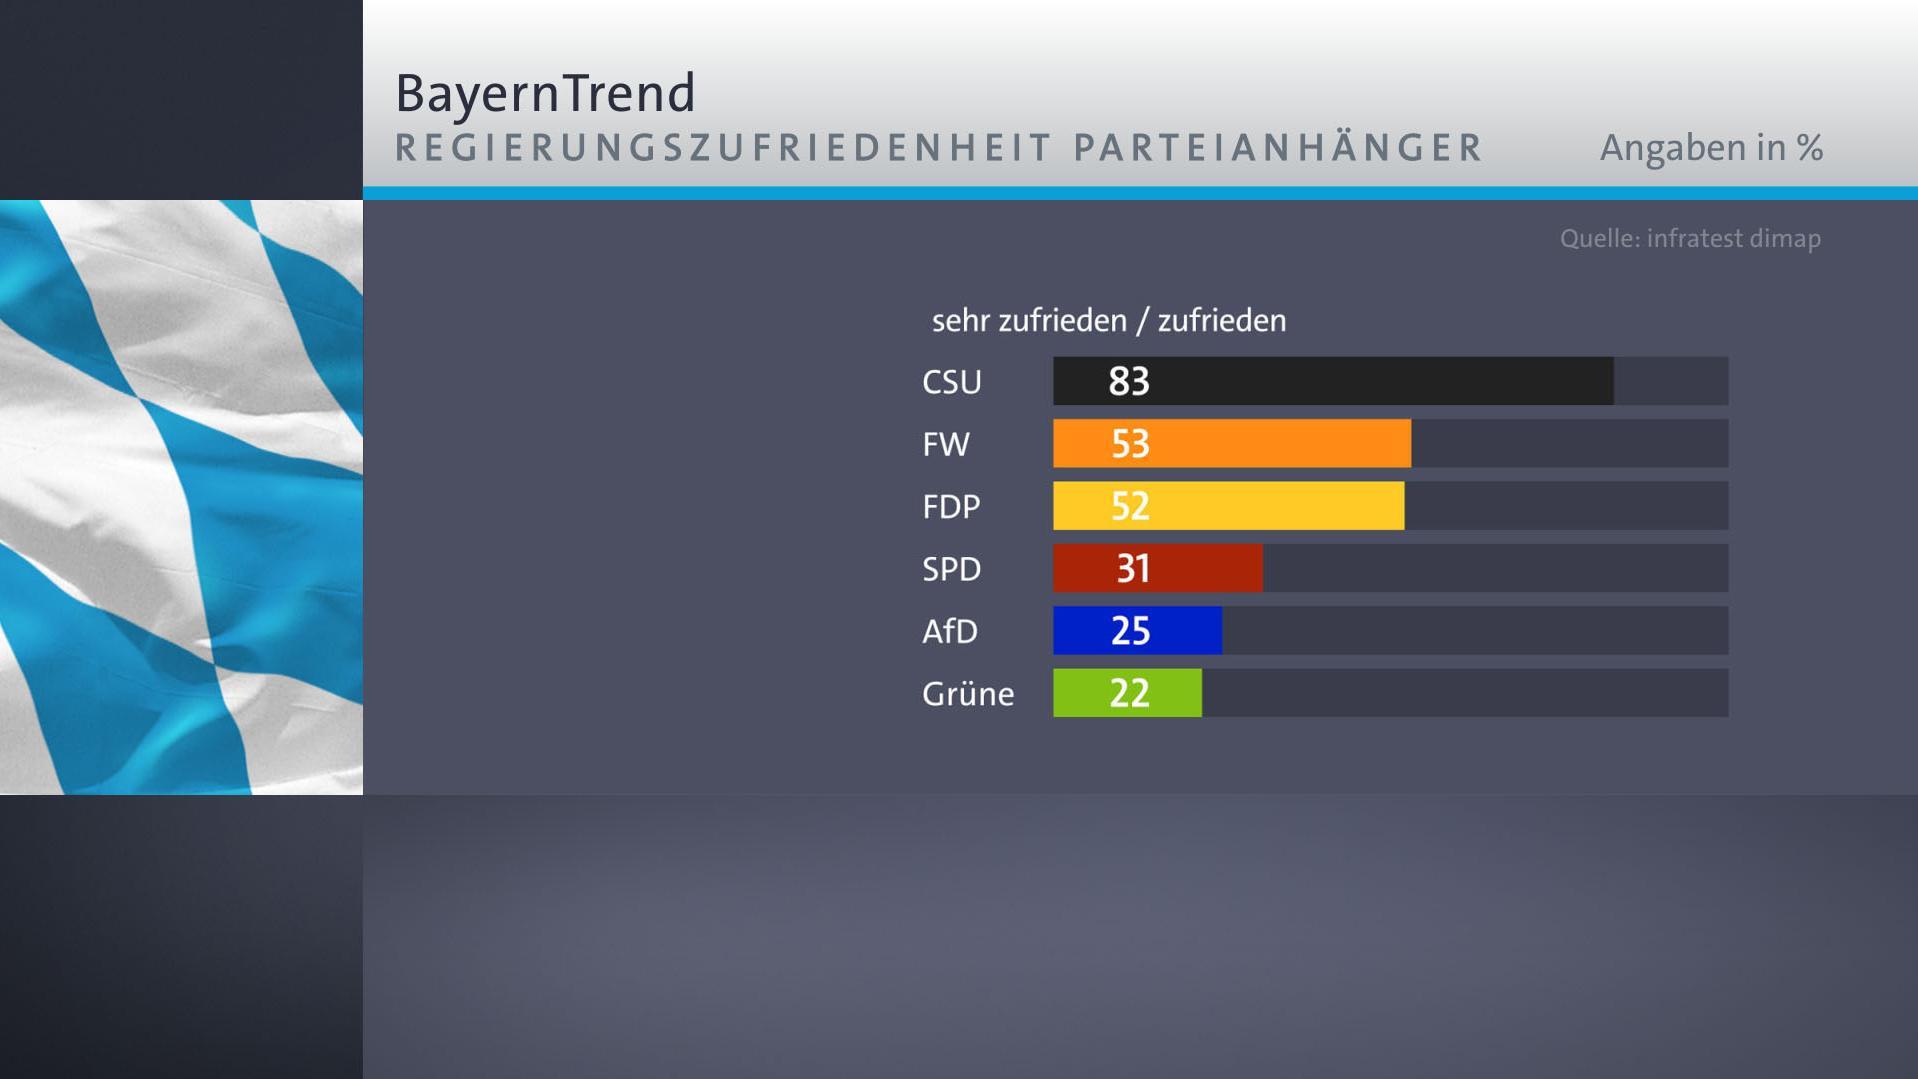 Parteianhänger von CSU, Freien Wählern und FDP sind mit der Regierungsarbeit in Bayern eher zufrieden, Anhänger von SPD, AfD und Grünen nicht.